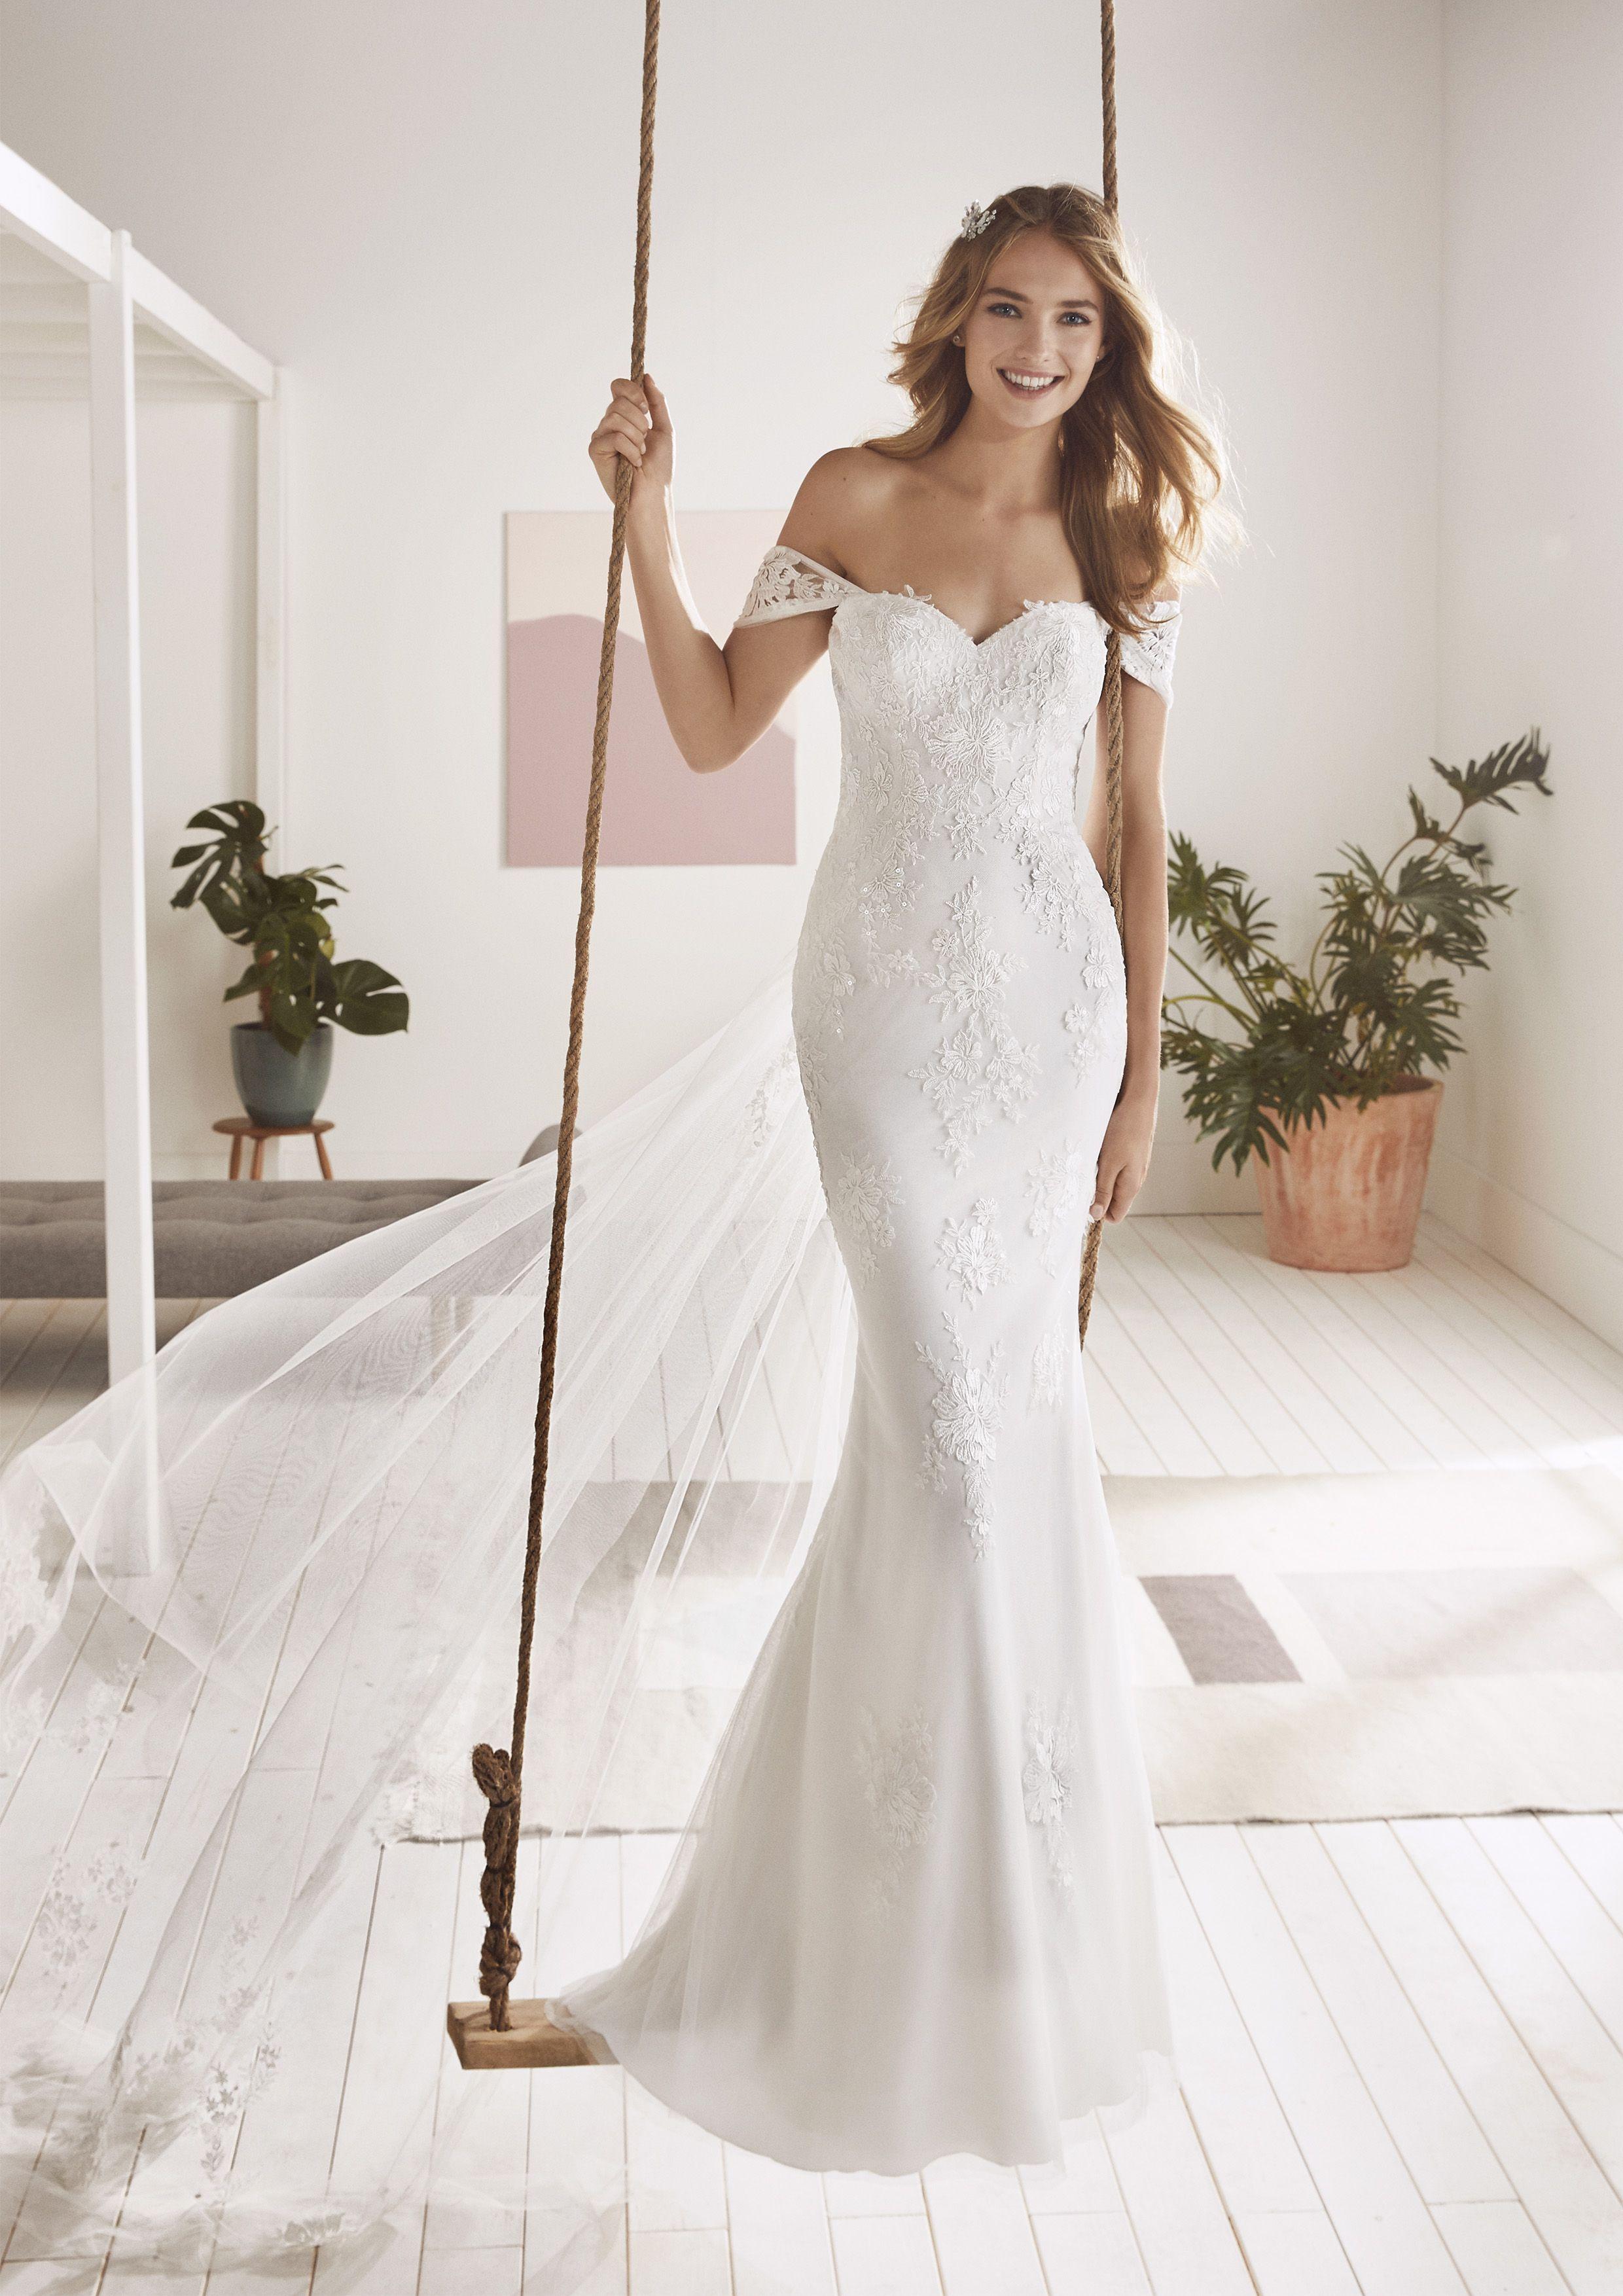 ad810971bd5f6 White One 2019 Collection - OLVERA Pronovias Wedding Dress